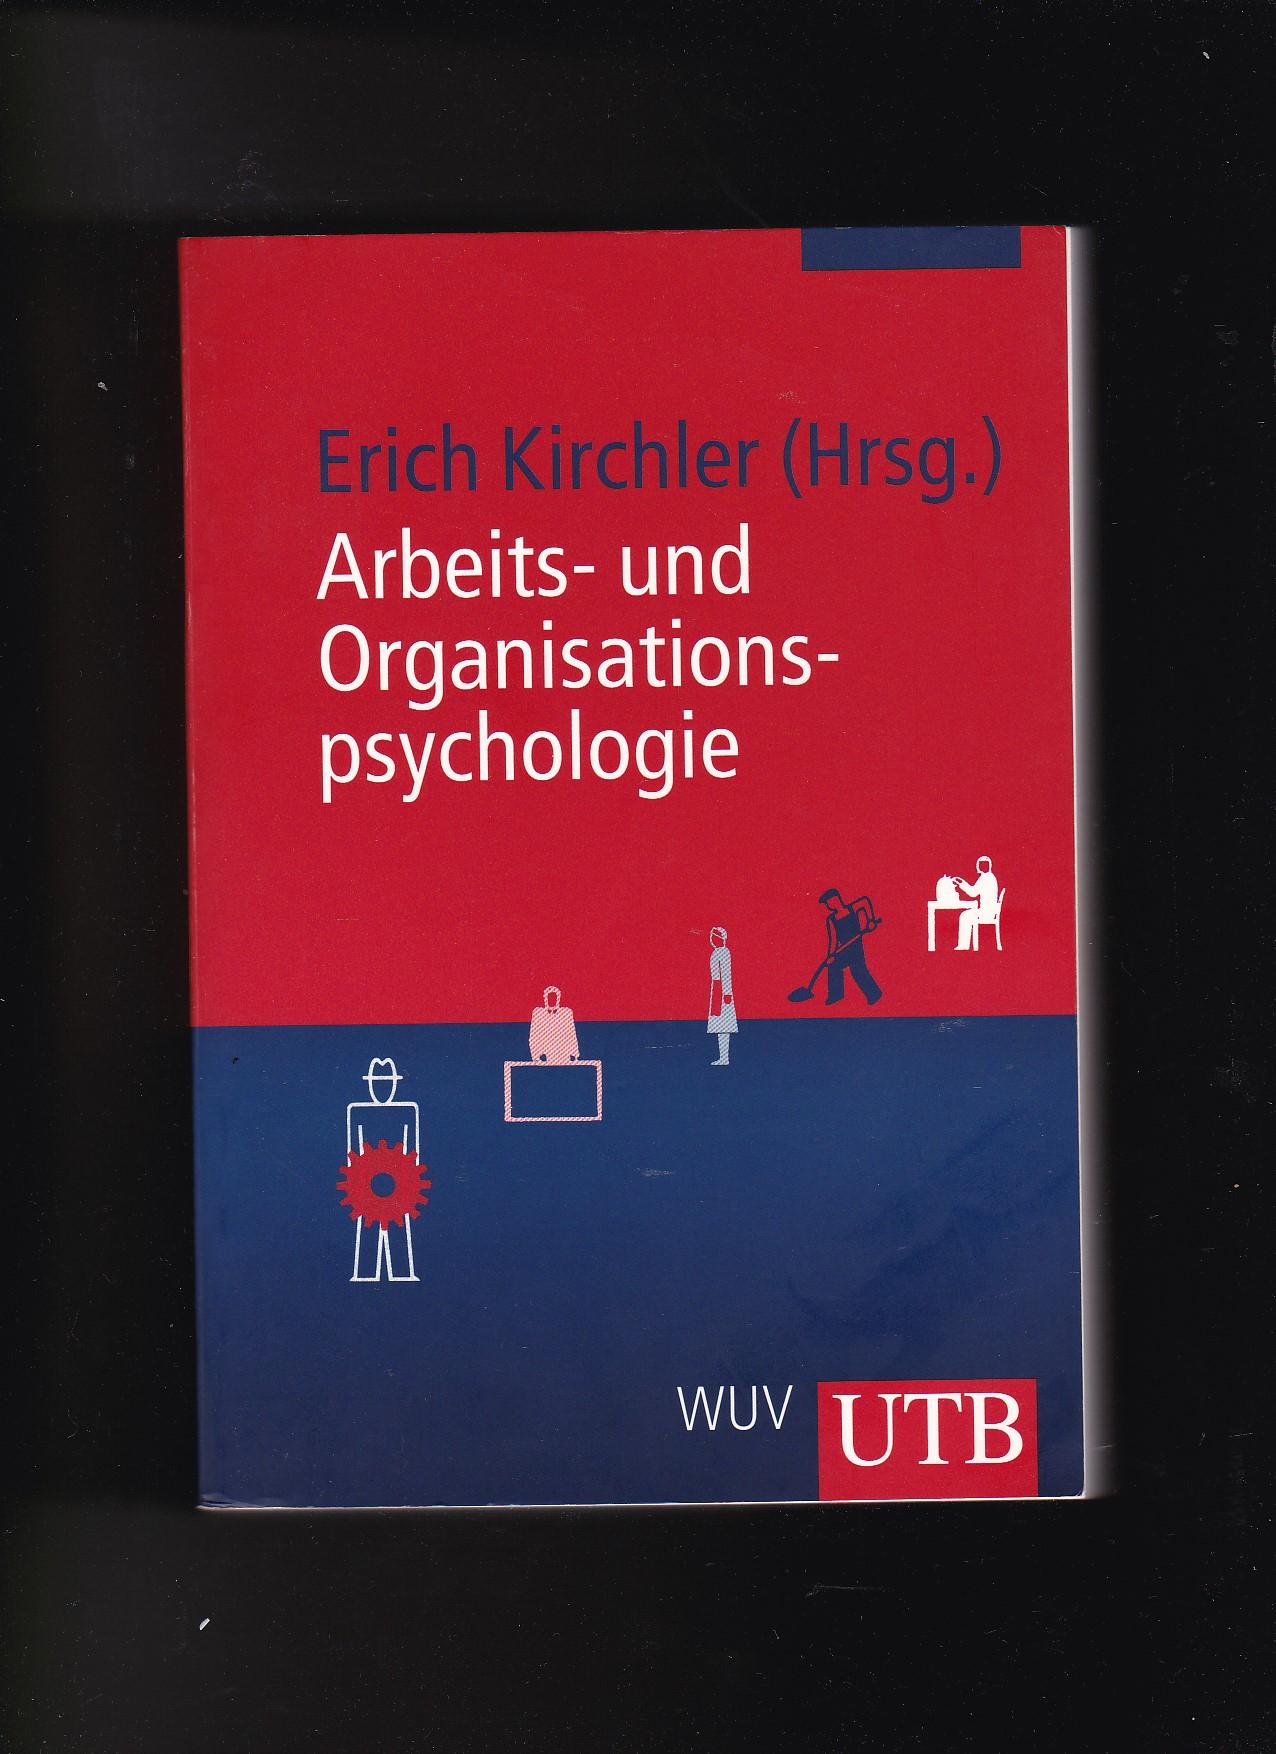 Erich Kirchler, Arbeits- und Organisationspsychologie - Kirchler, Erich (Herausgeber)